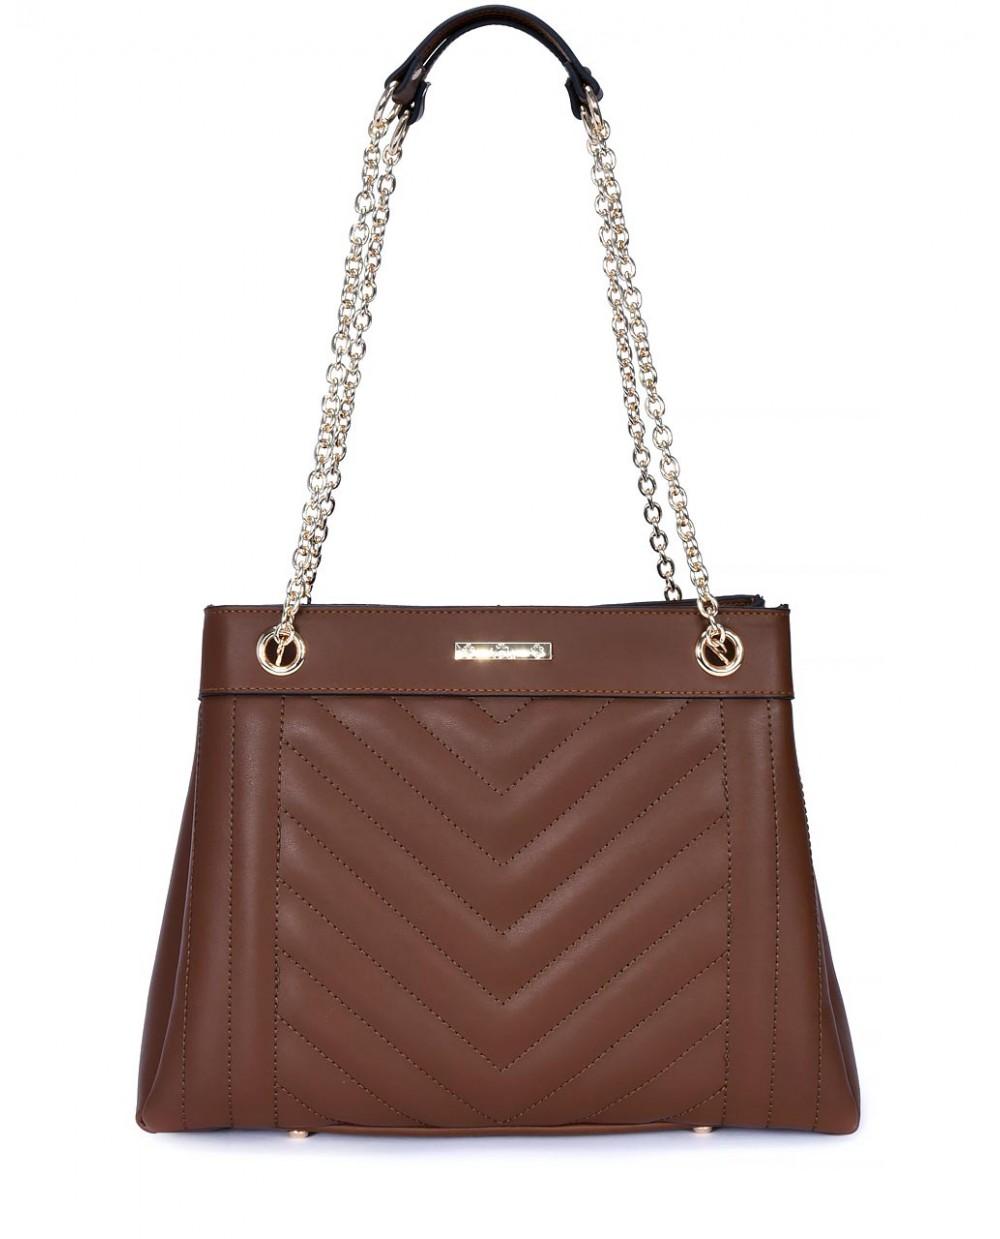 SHOULDER BAG 5125